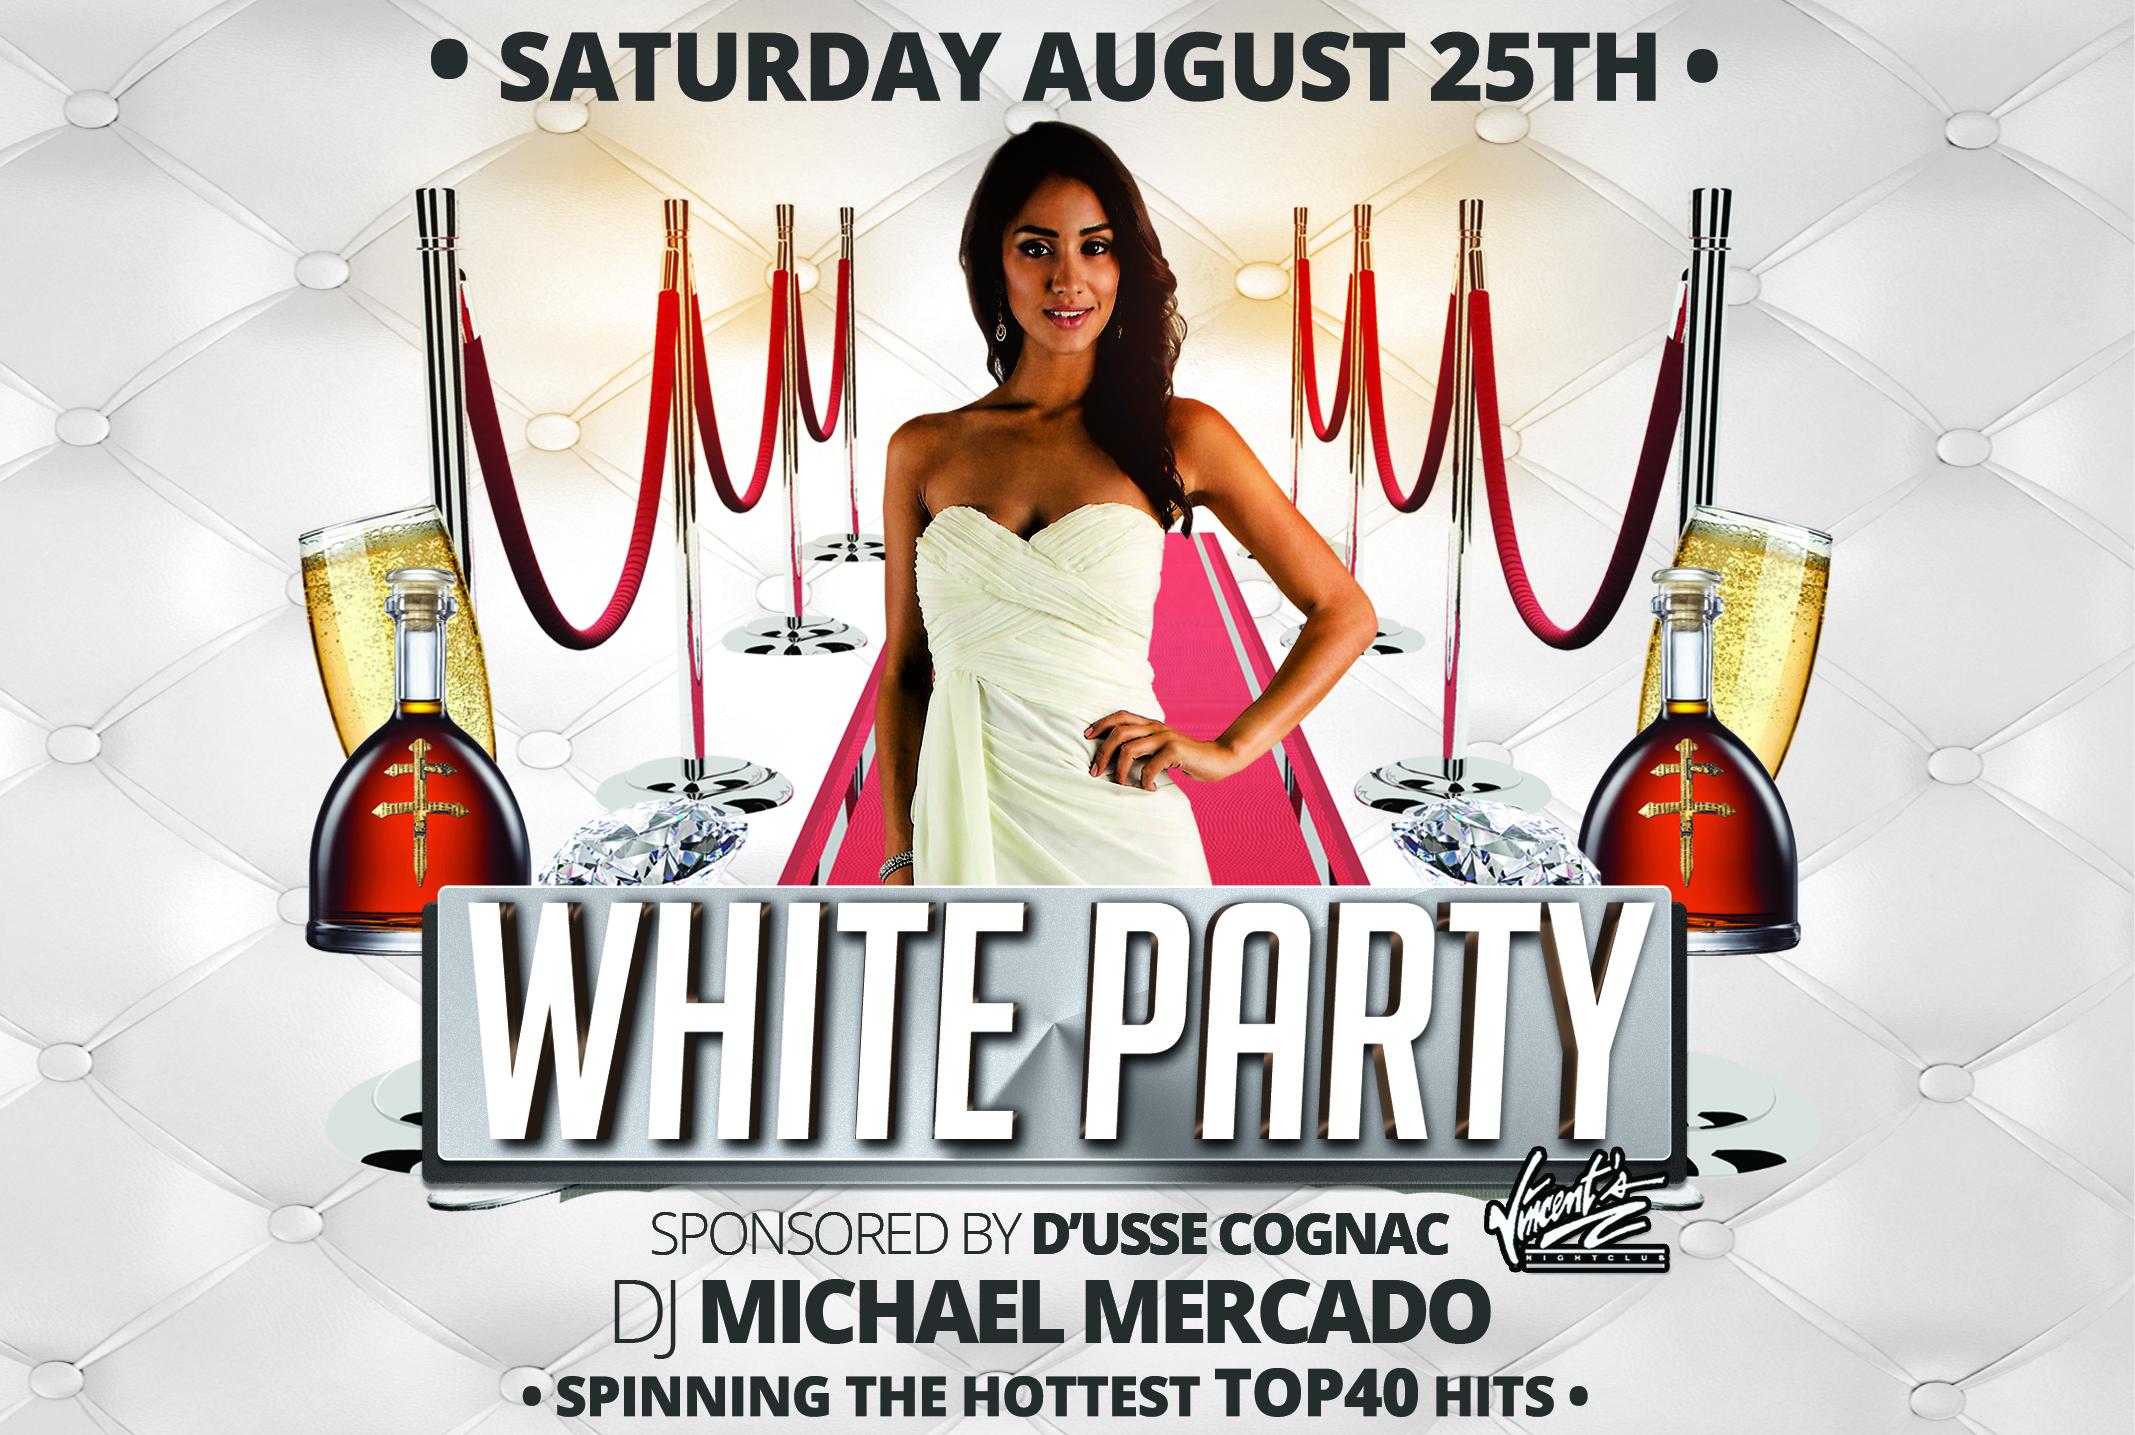 VINCENTS WHITE PARTY SATURDAY LS copy